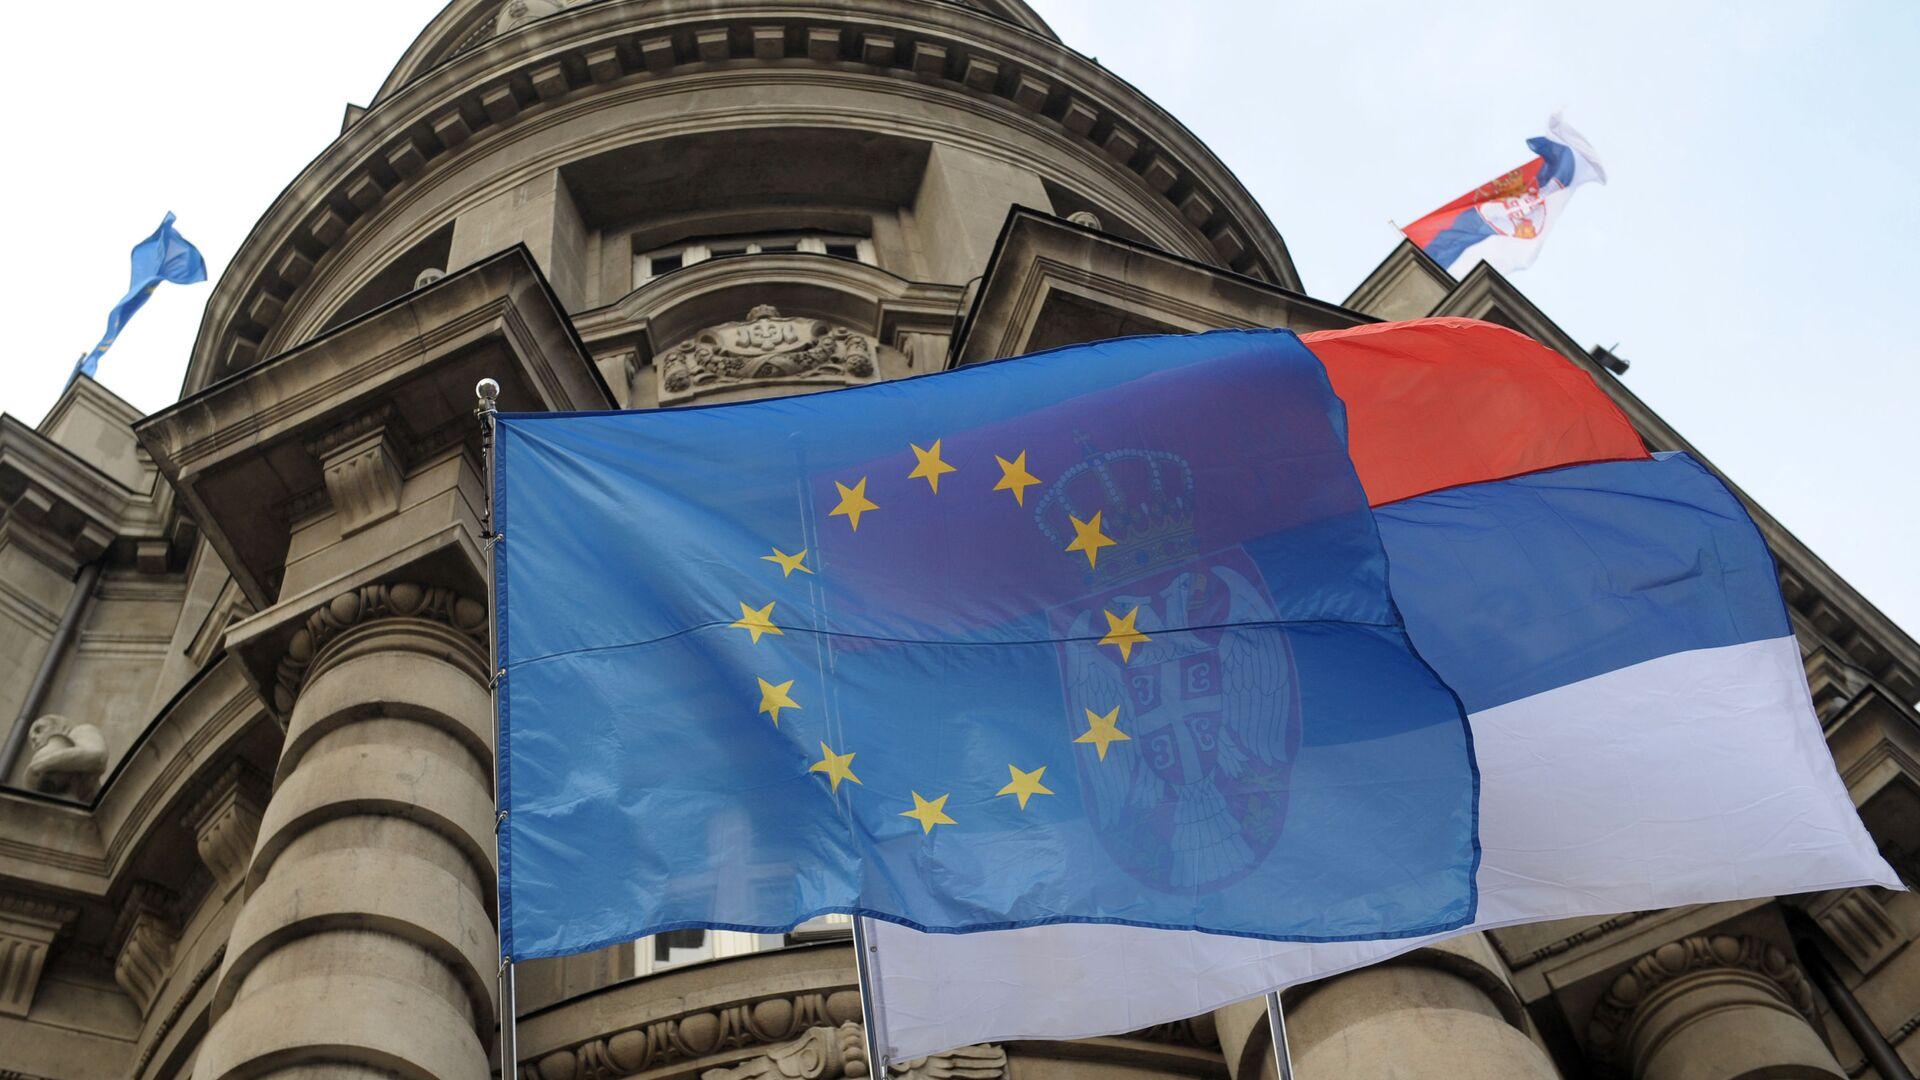 Flagi UE i Serbii na fasadzie budynku rządu w Belgradzie - Sputnik Polska, 1920, 30.09.2021